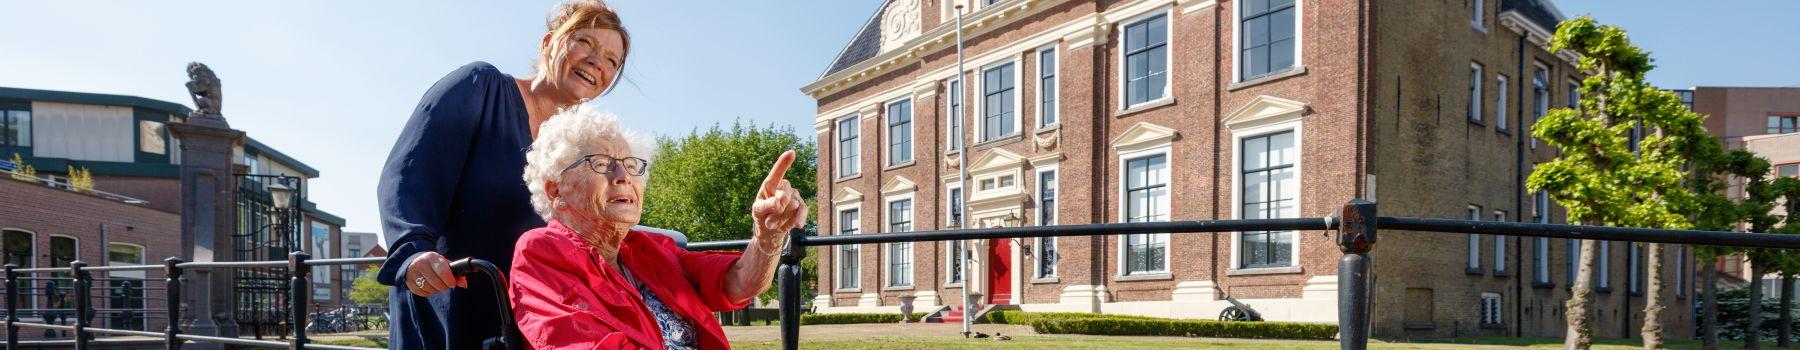 Woonzorgcentrum Mariënbosch in Heerenveen